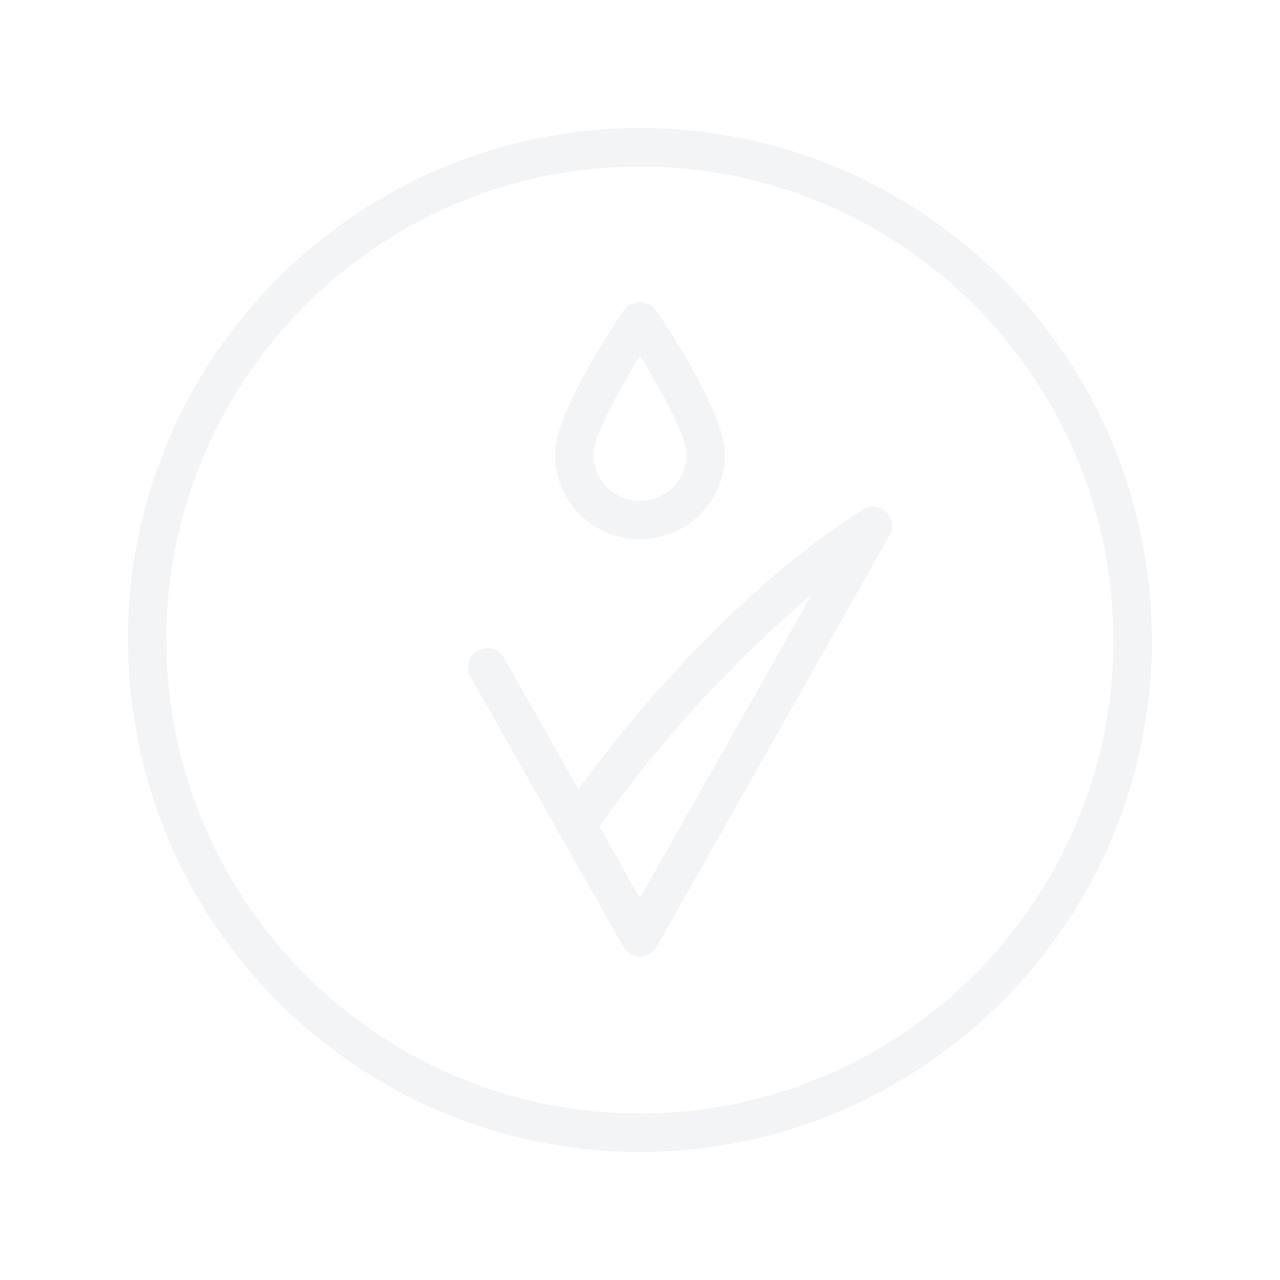 AVENE 3in1 Makeup Remover средство для снятия макияжа 200ml